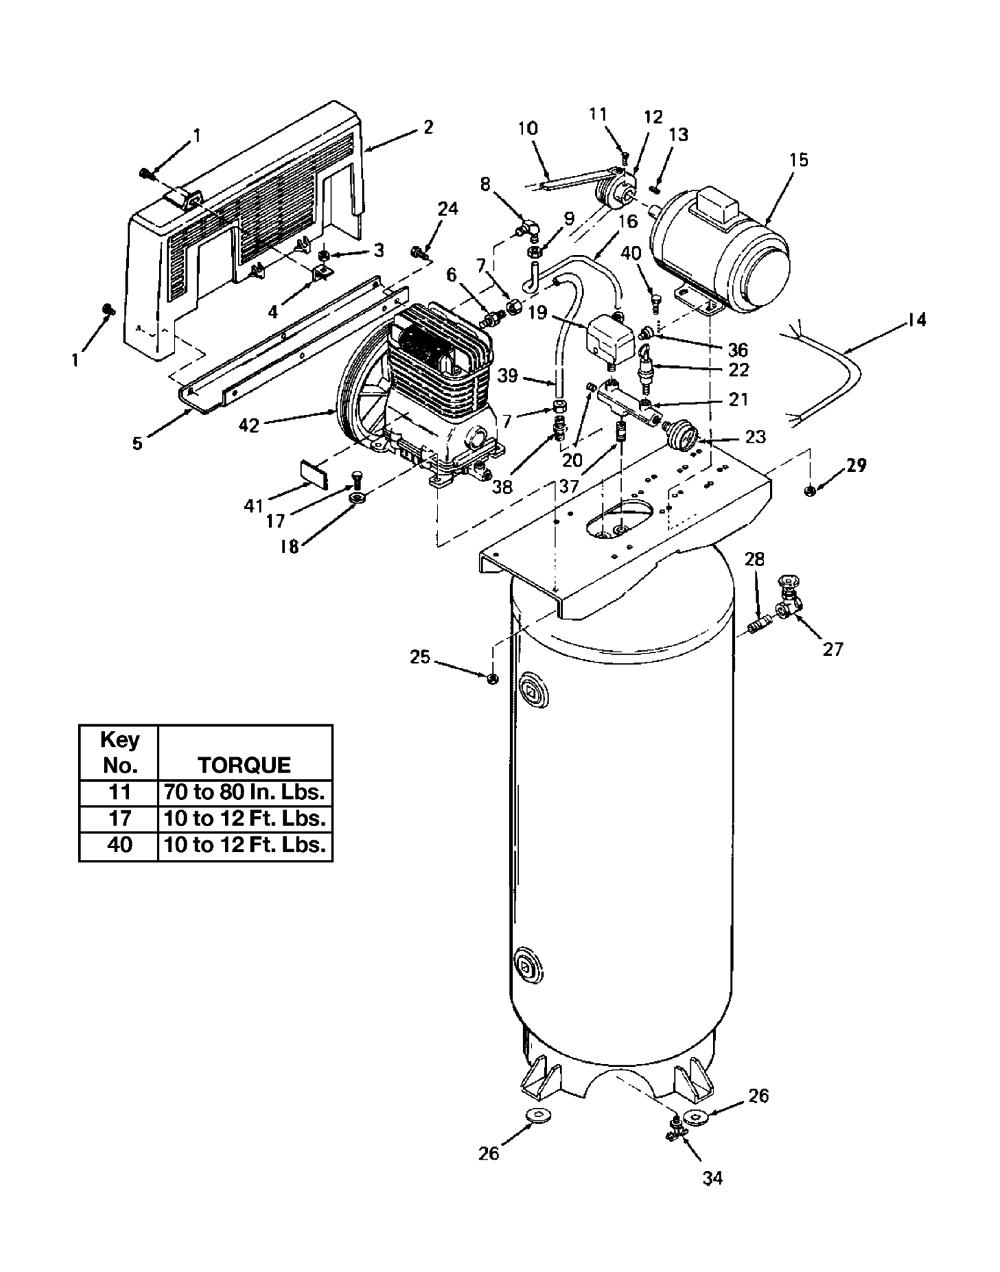 HL6560V-Devilbiss-T0-PB-1Break Down